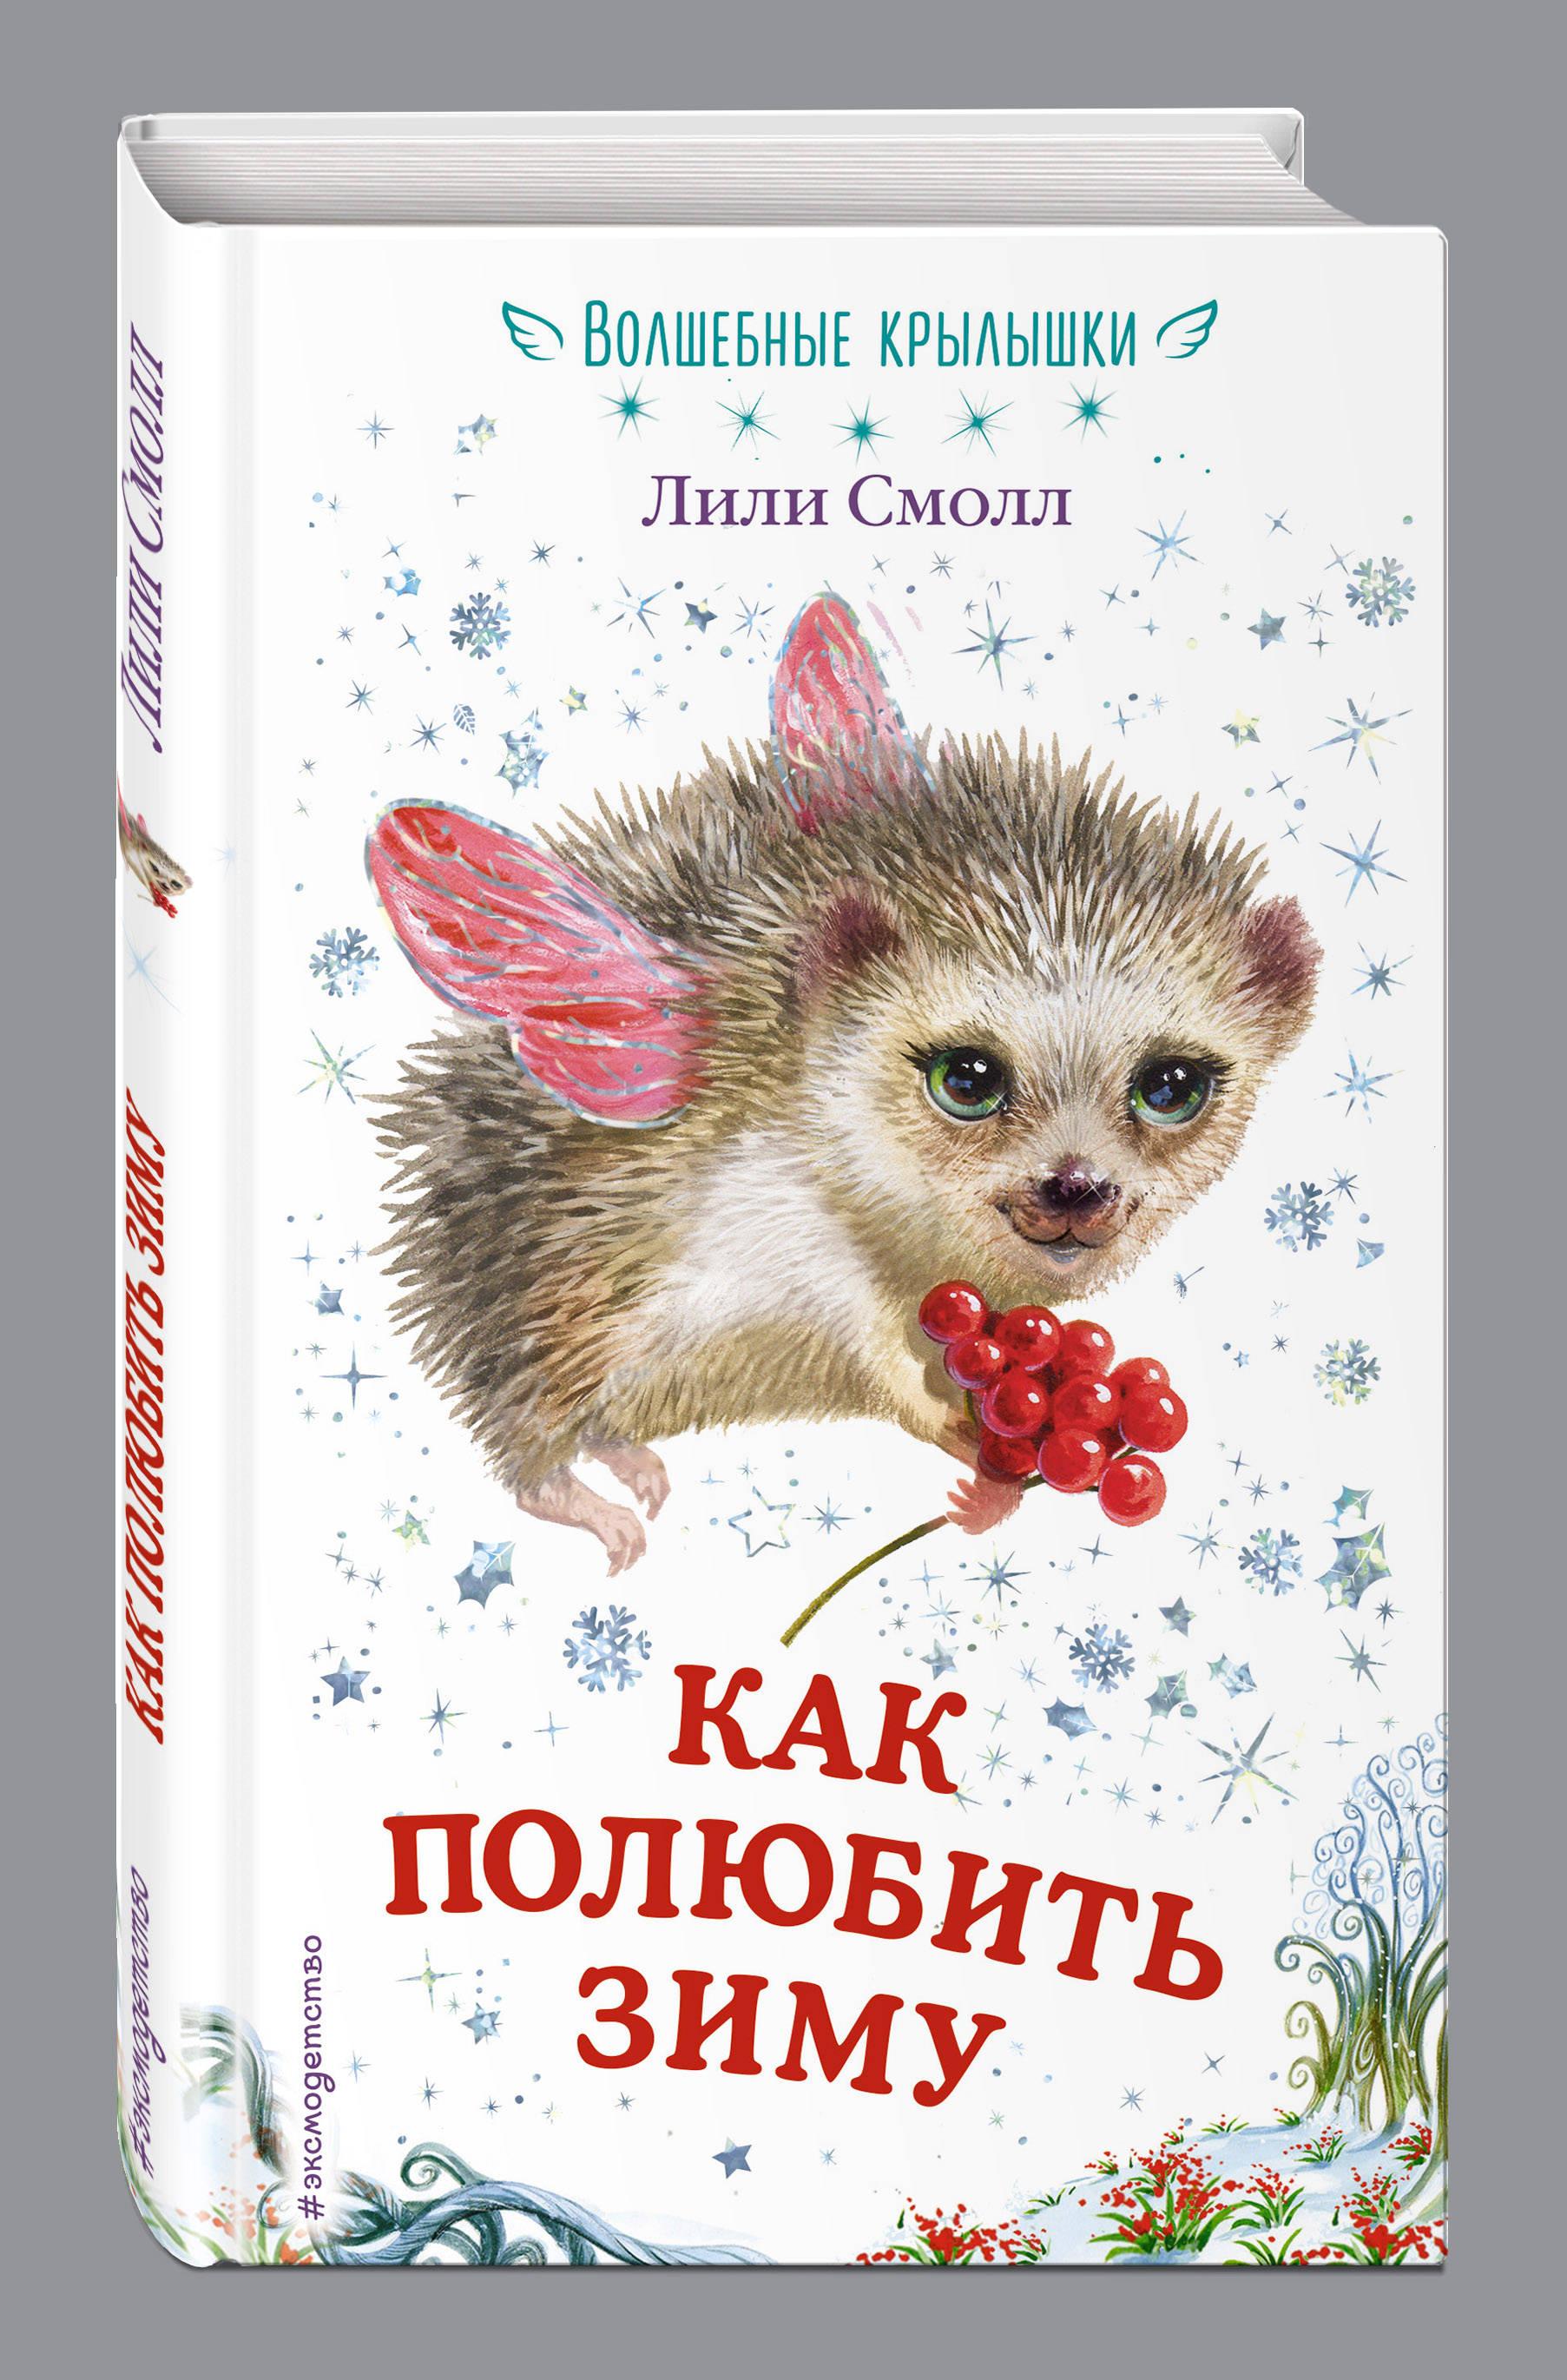 Смолл Лили Как полюбить зиму. Выпуск 4 эксмо повесть волшебные крылышки как полюбить зиму